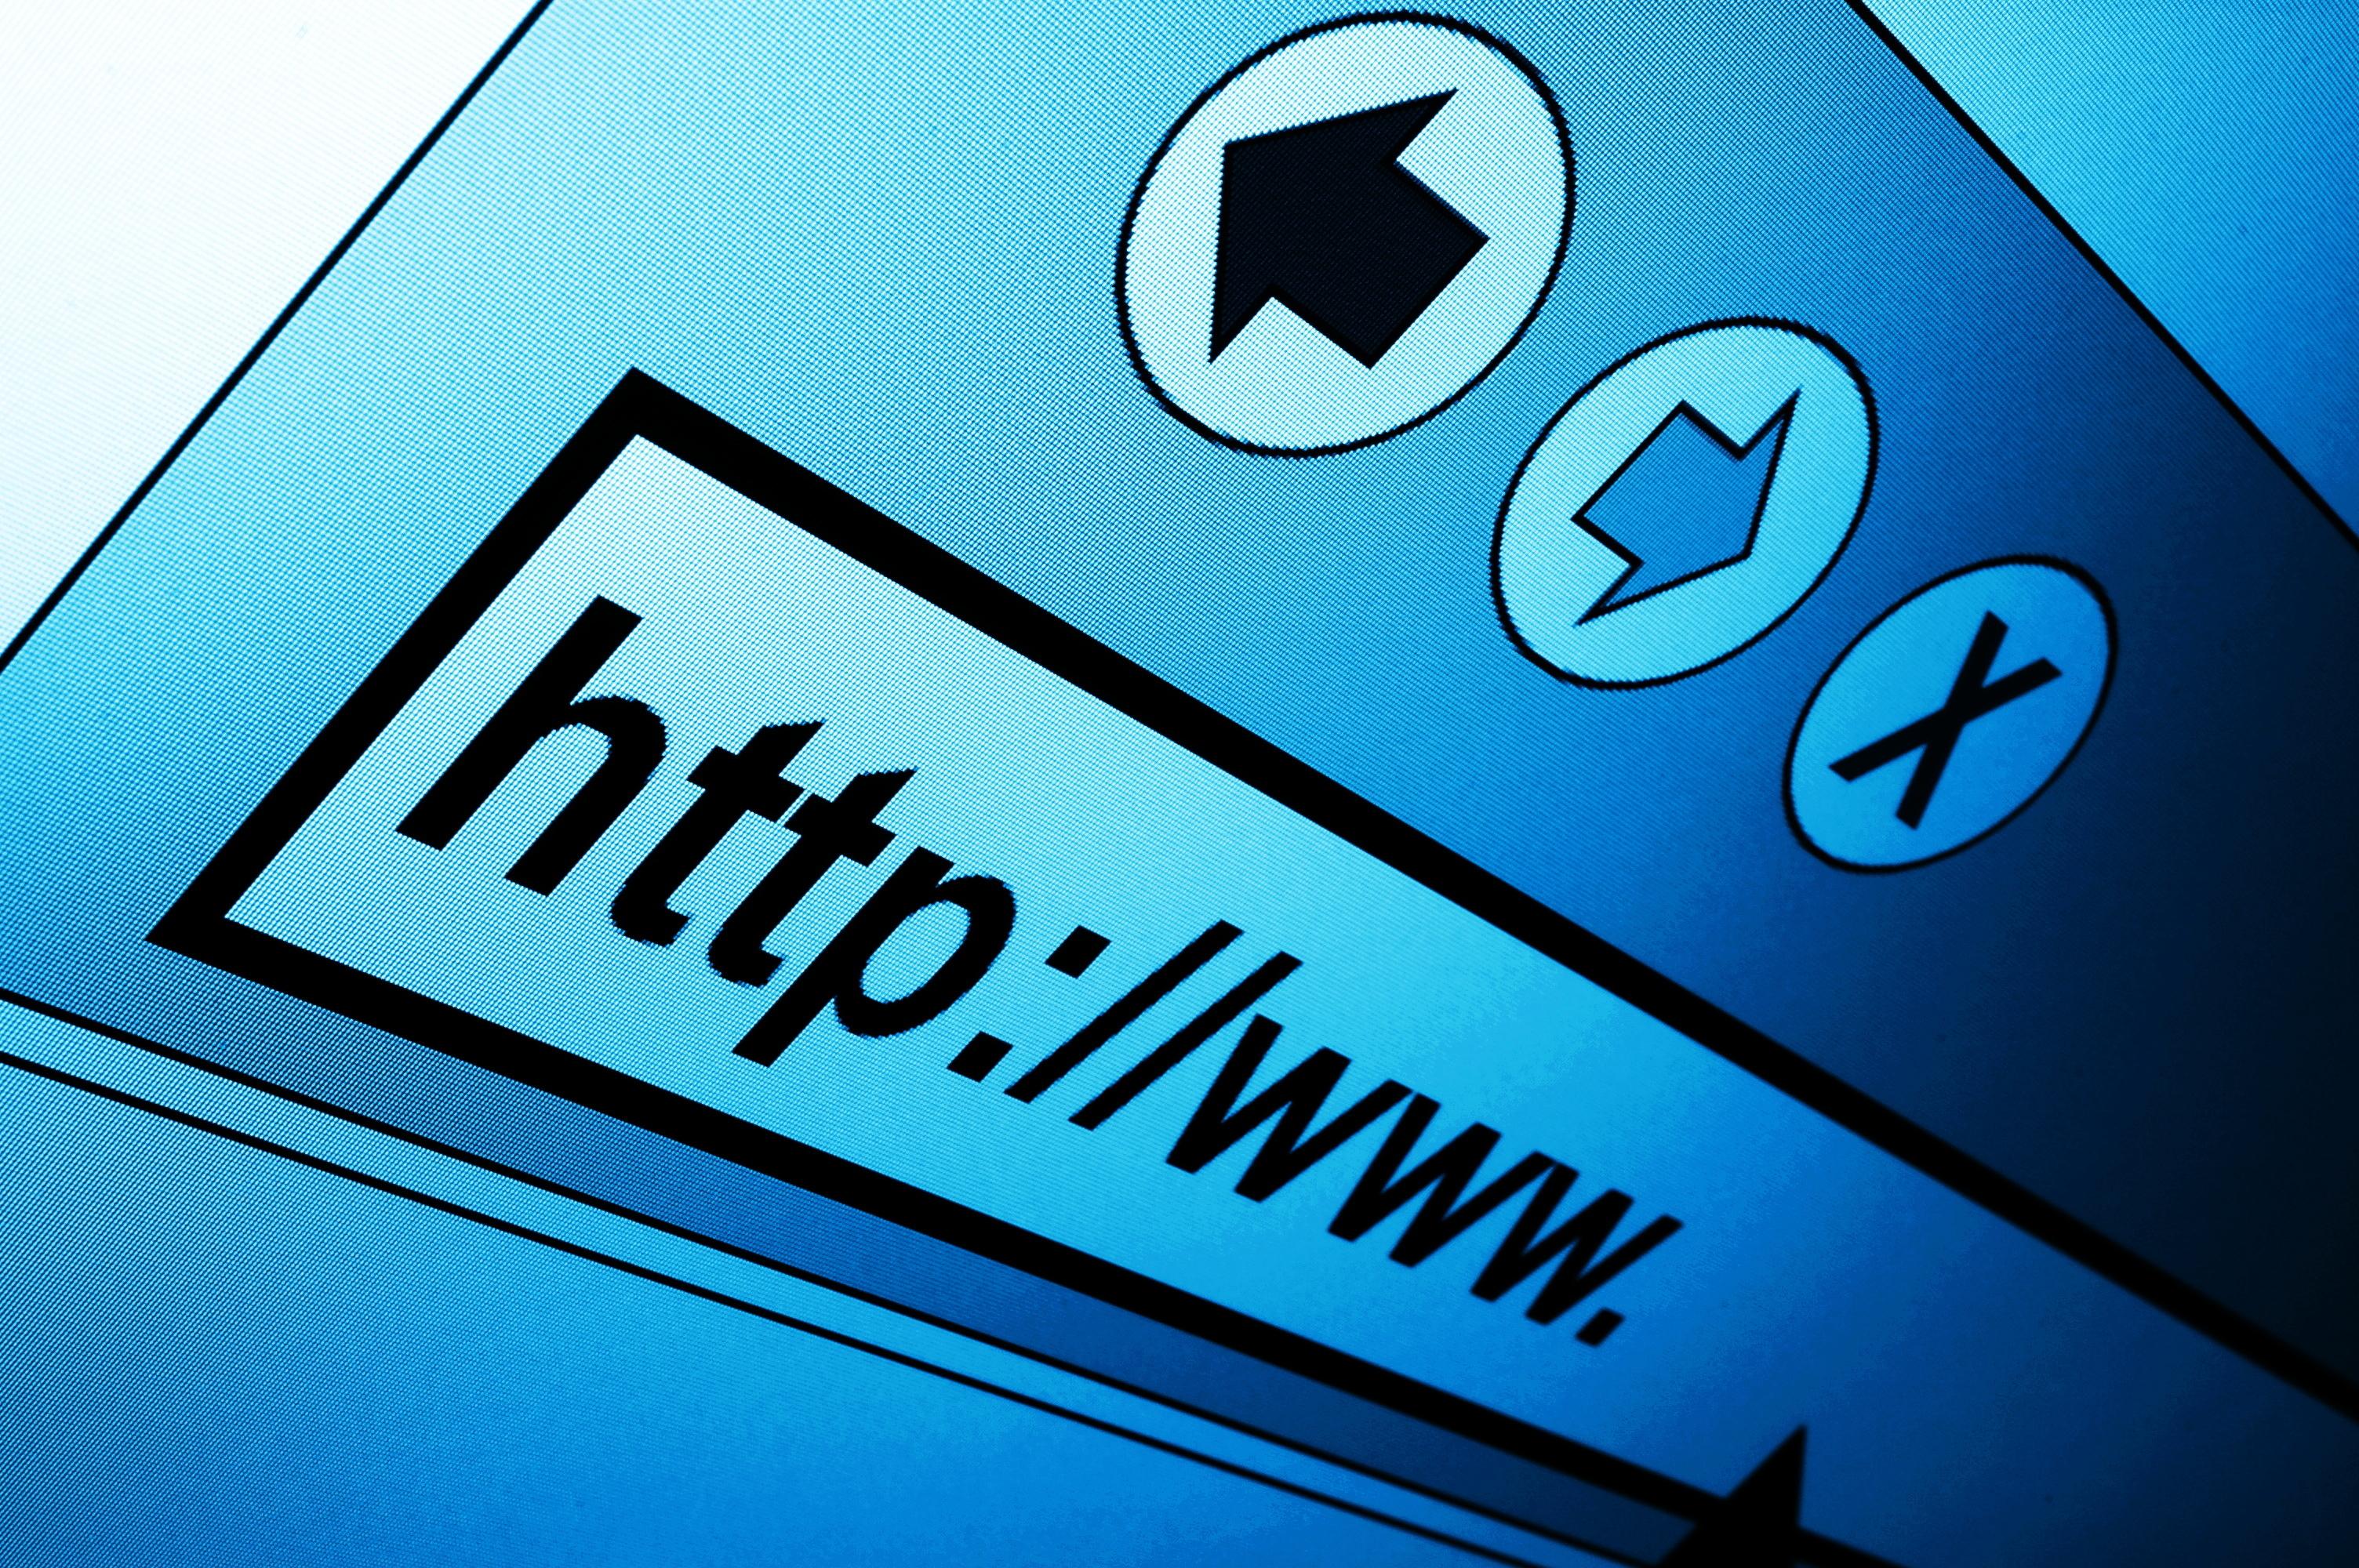 Italiani e Internet: il 41% ringrazia per la connessione